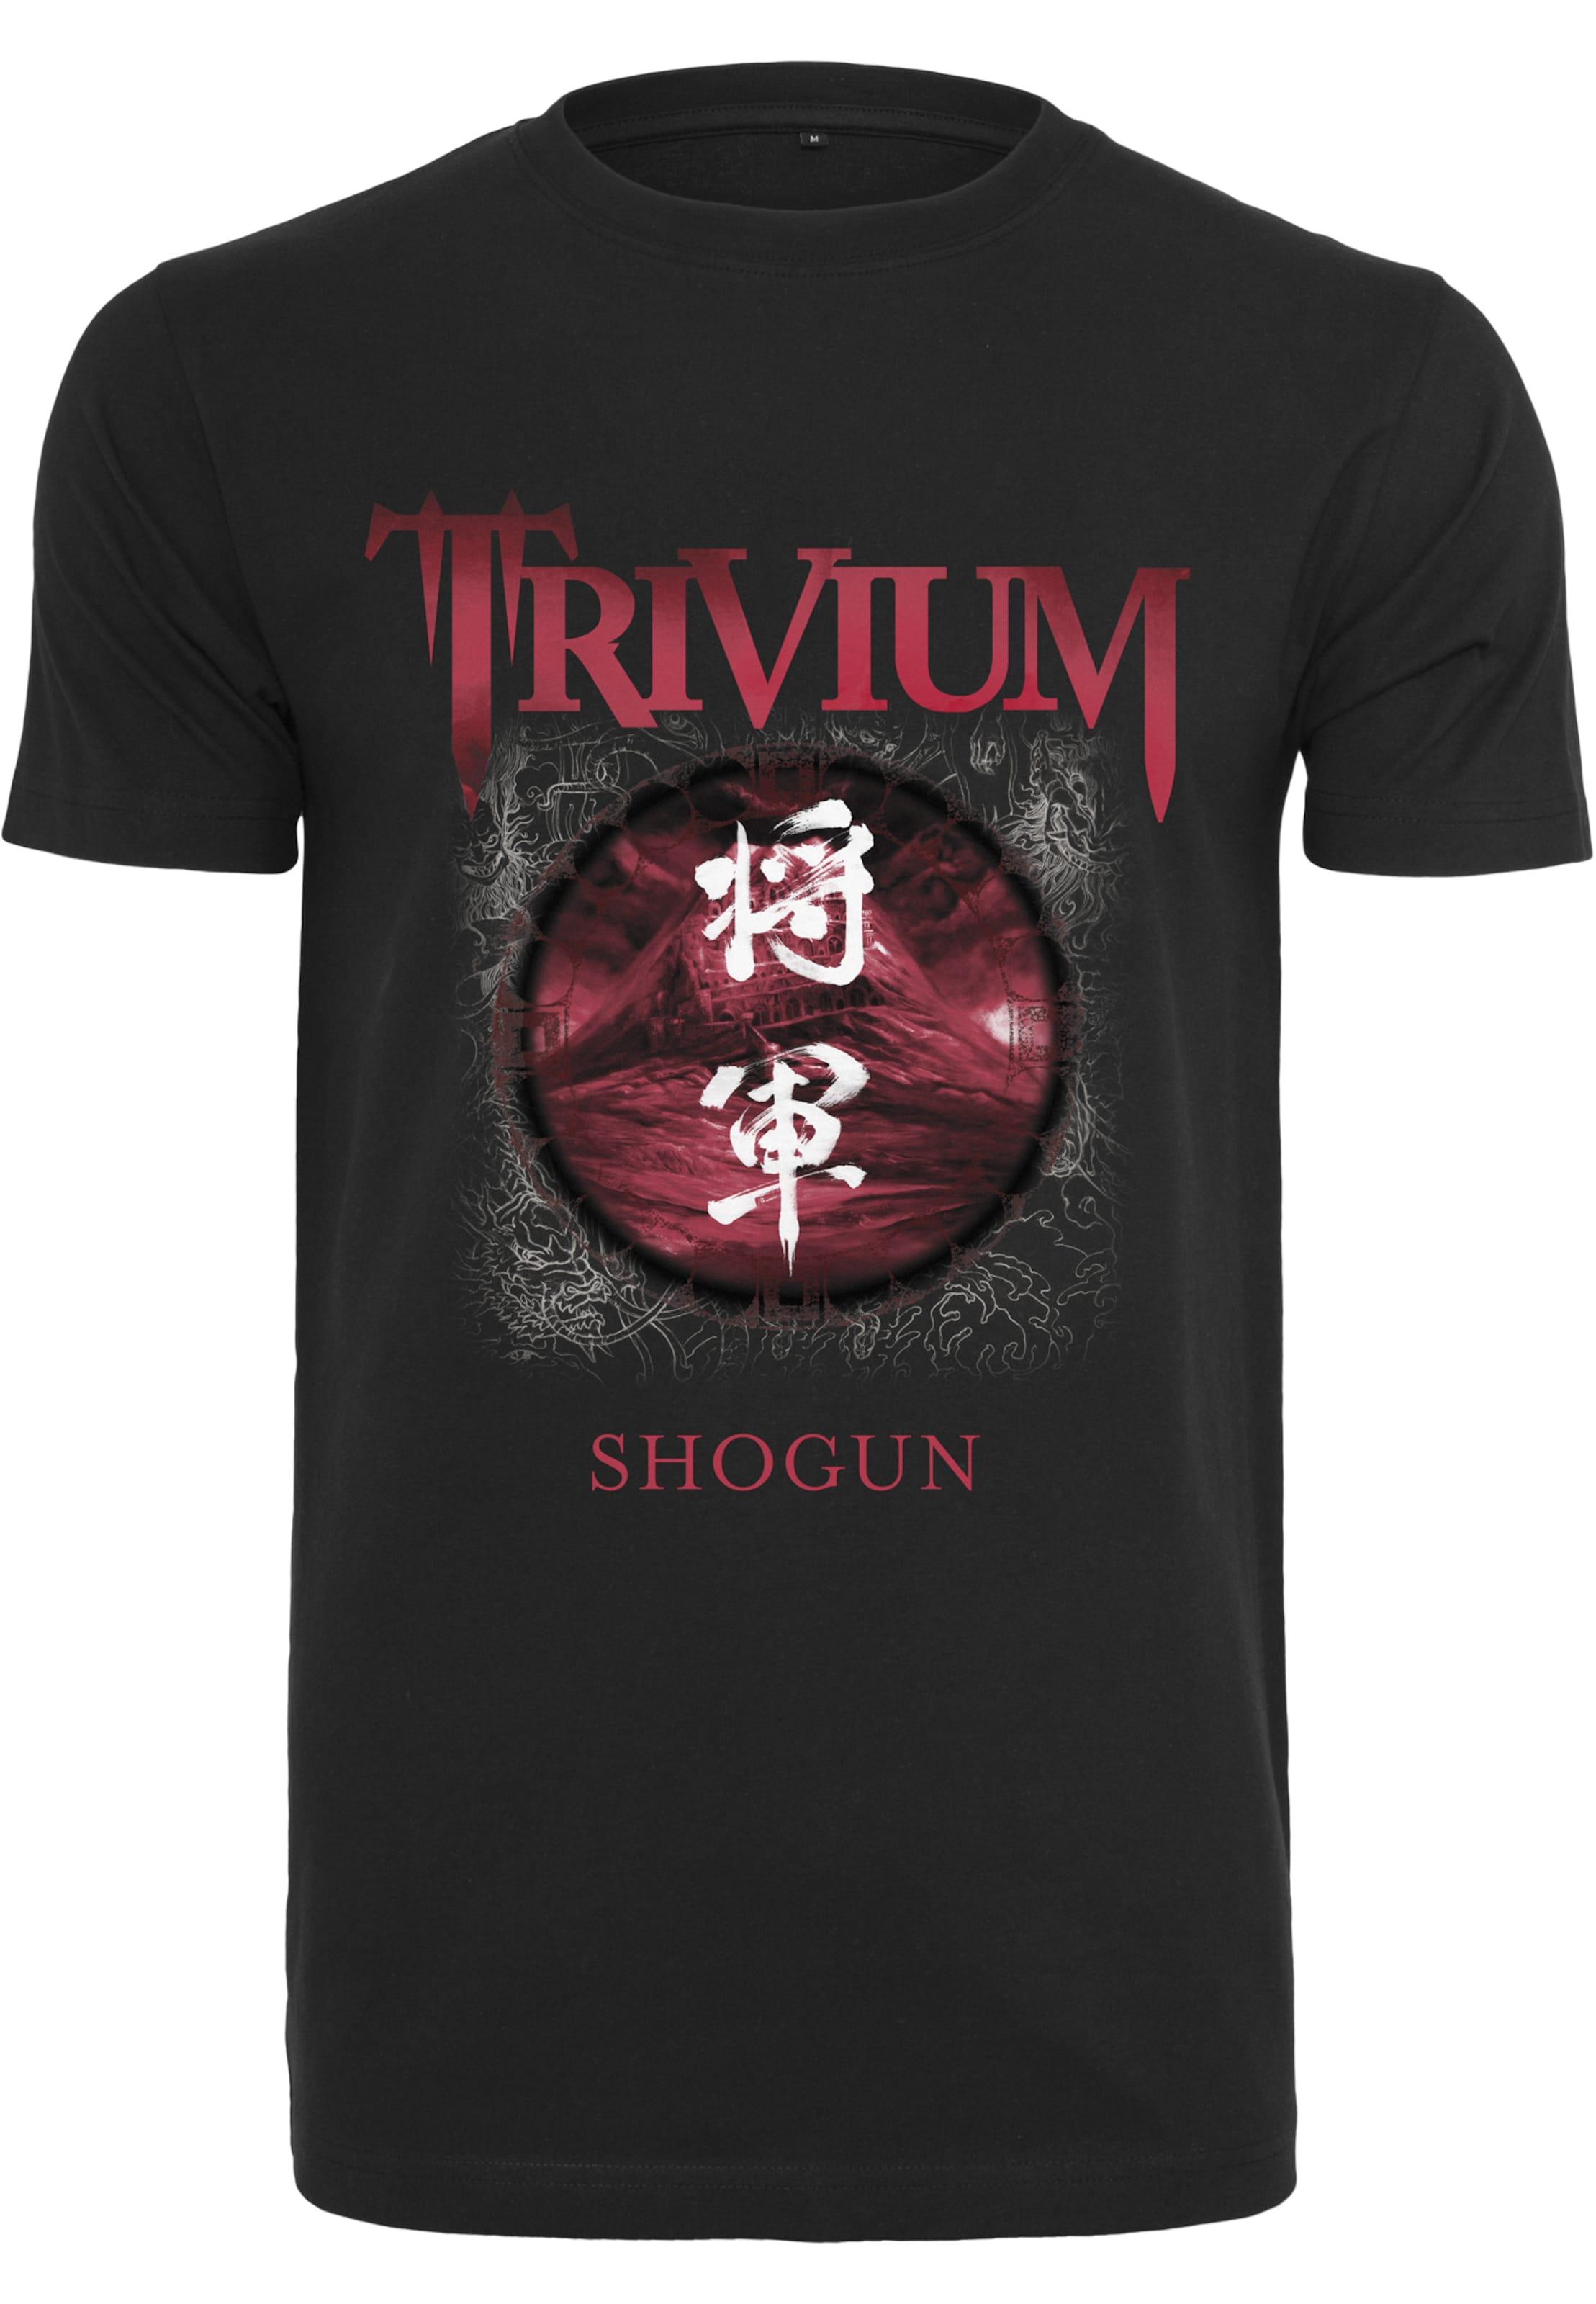 Shogun' Tee Mister T shirt In RotSchwarz 'trivium UzVSpM